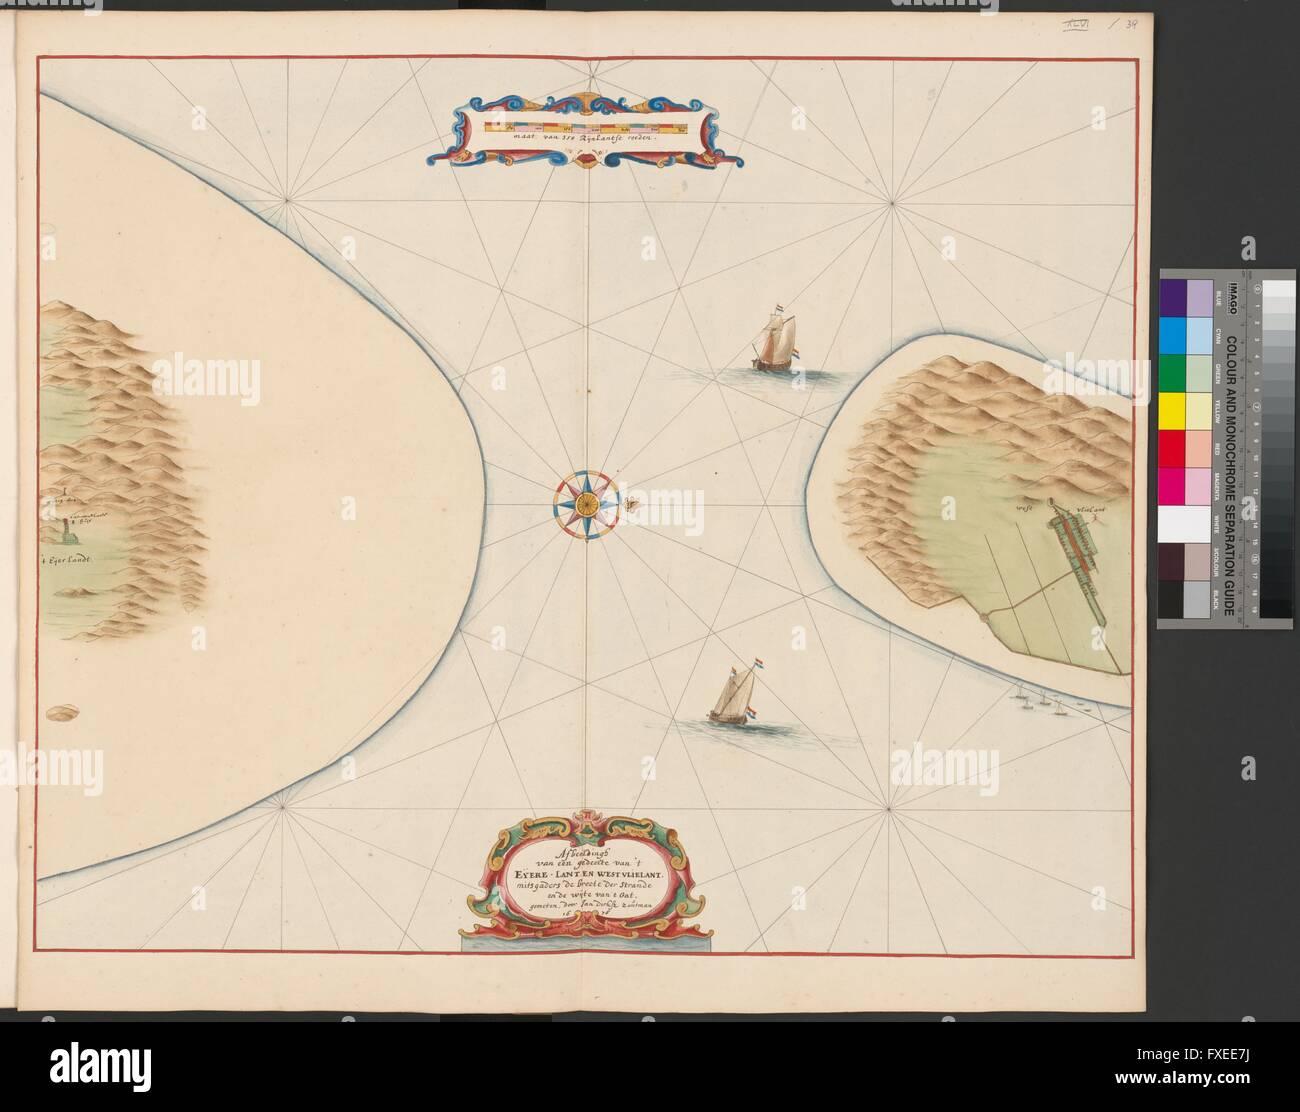 Karte Texel.Karte Des Eierlandse Gats Und Teilen Der Angrenzenden Inseln Texel